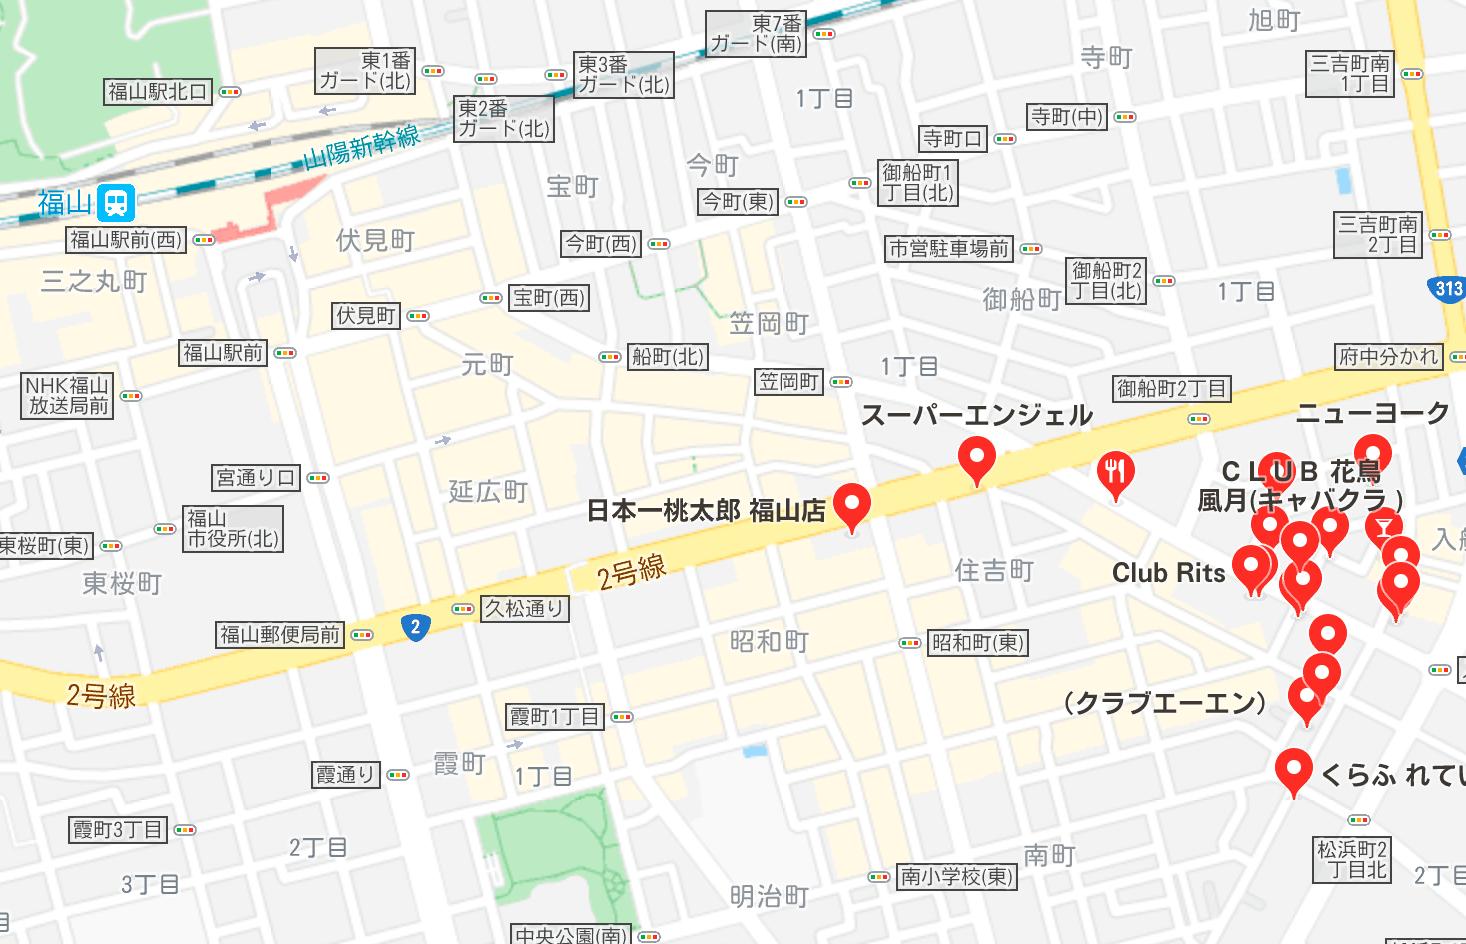 福山市 キャバクラ